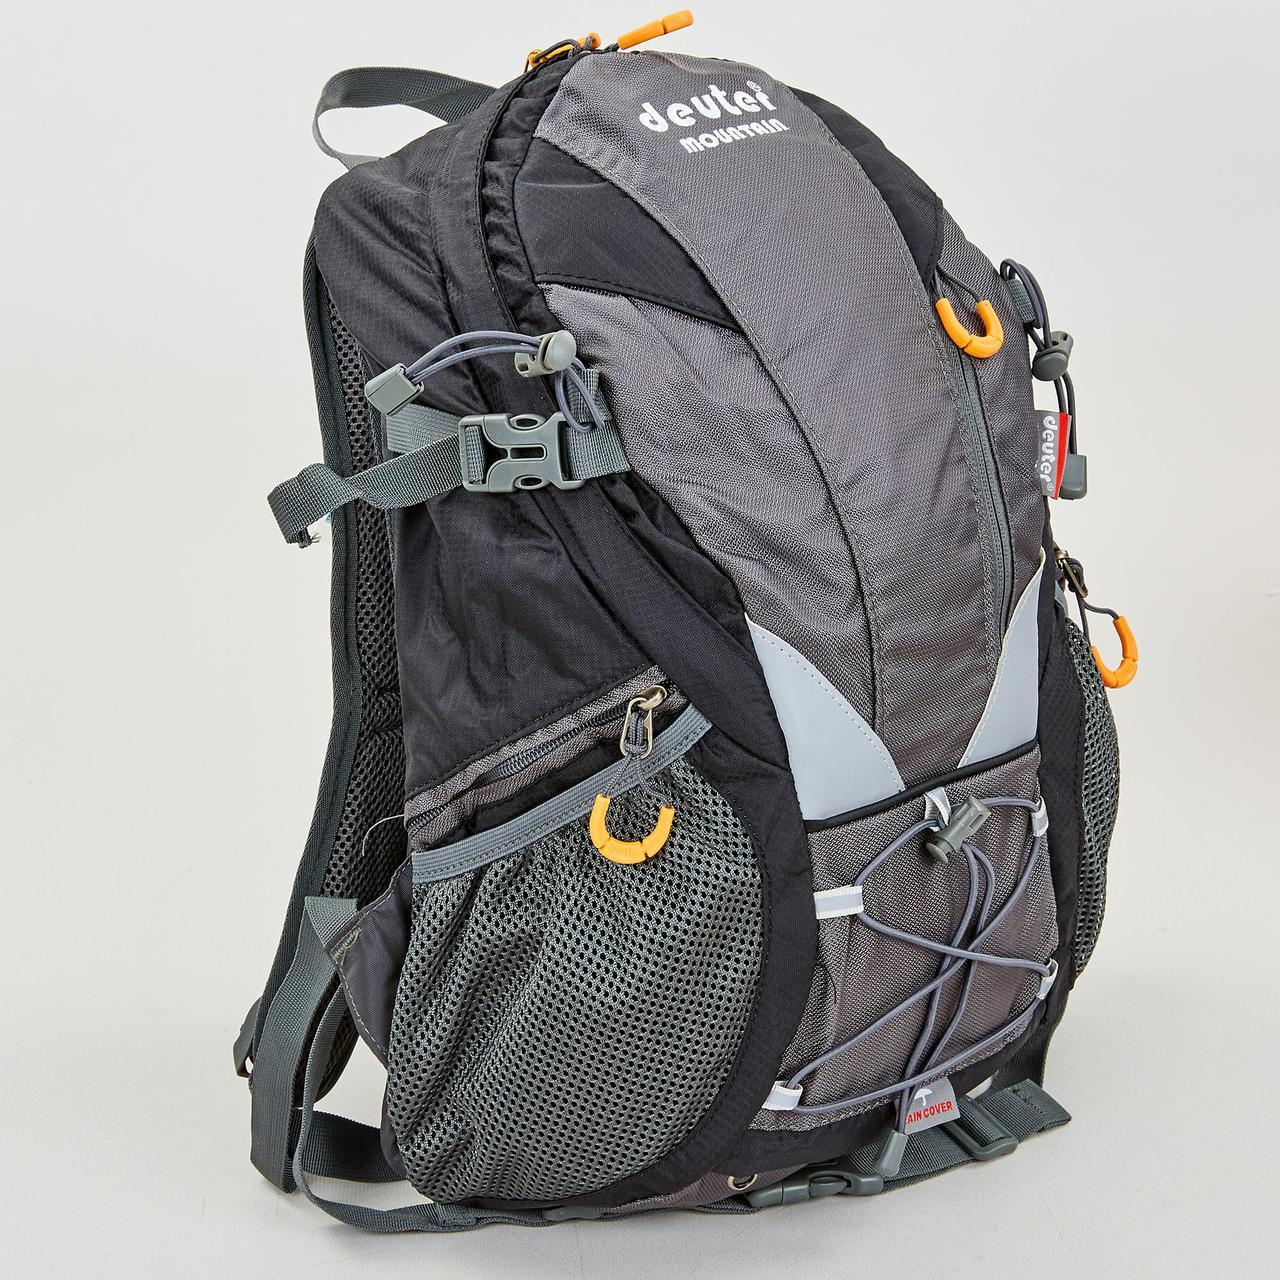 Рюкзак туристичний із каркасною спинкою DTR 30 літрів G28-1 (поліестер, нейлон, алюміній, розмір 38х34х15см,